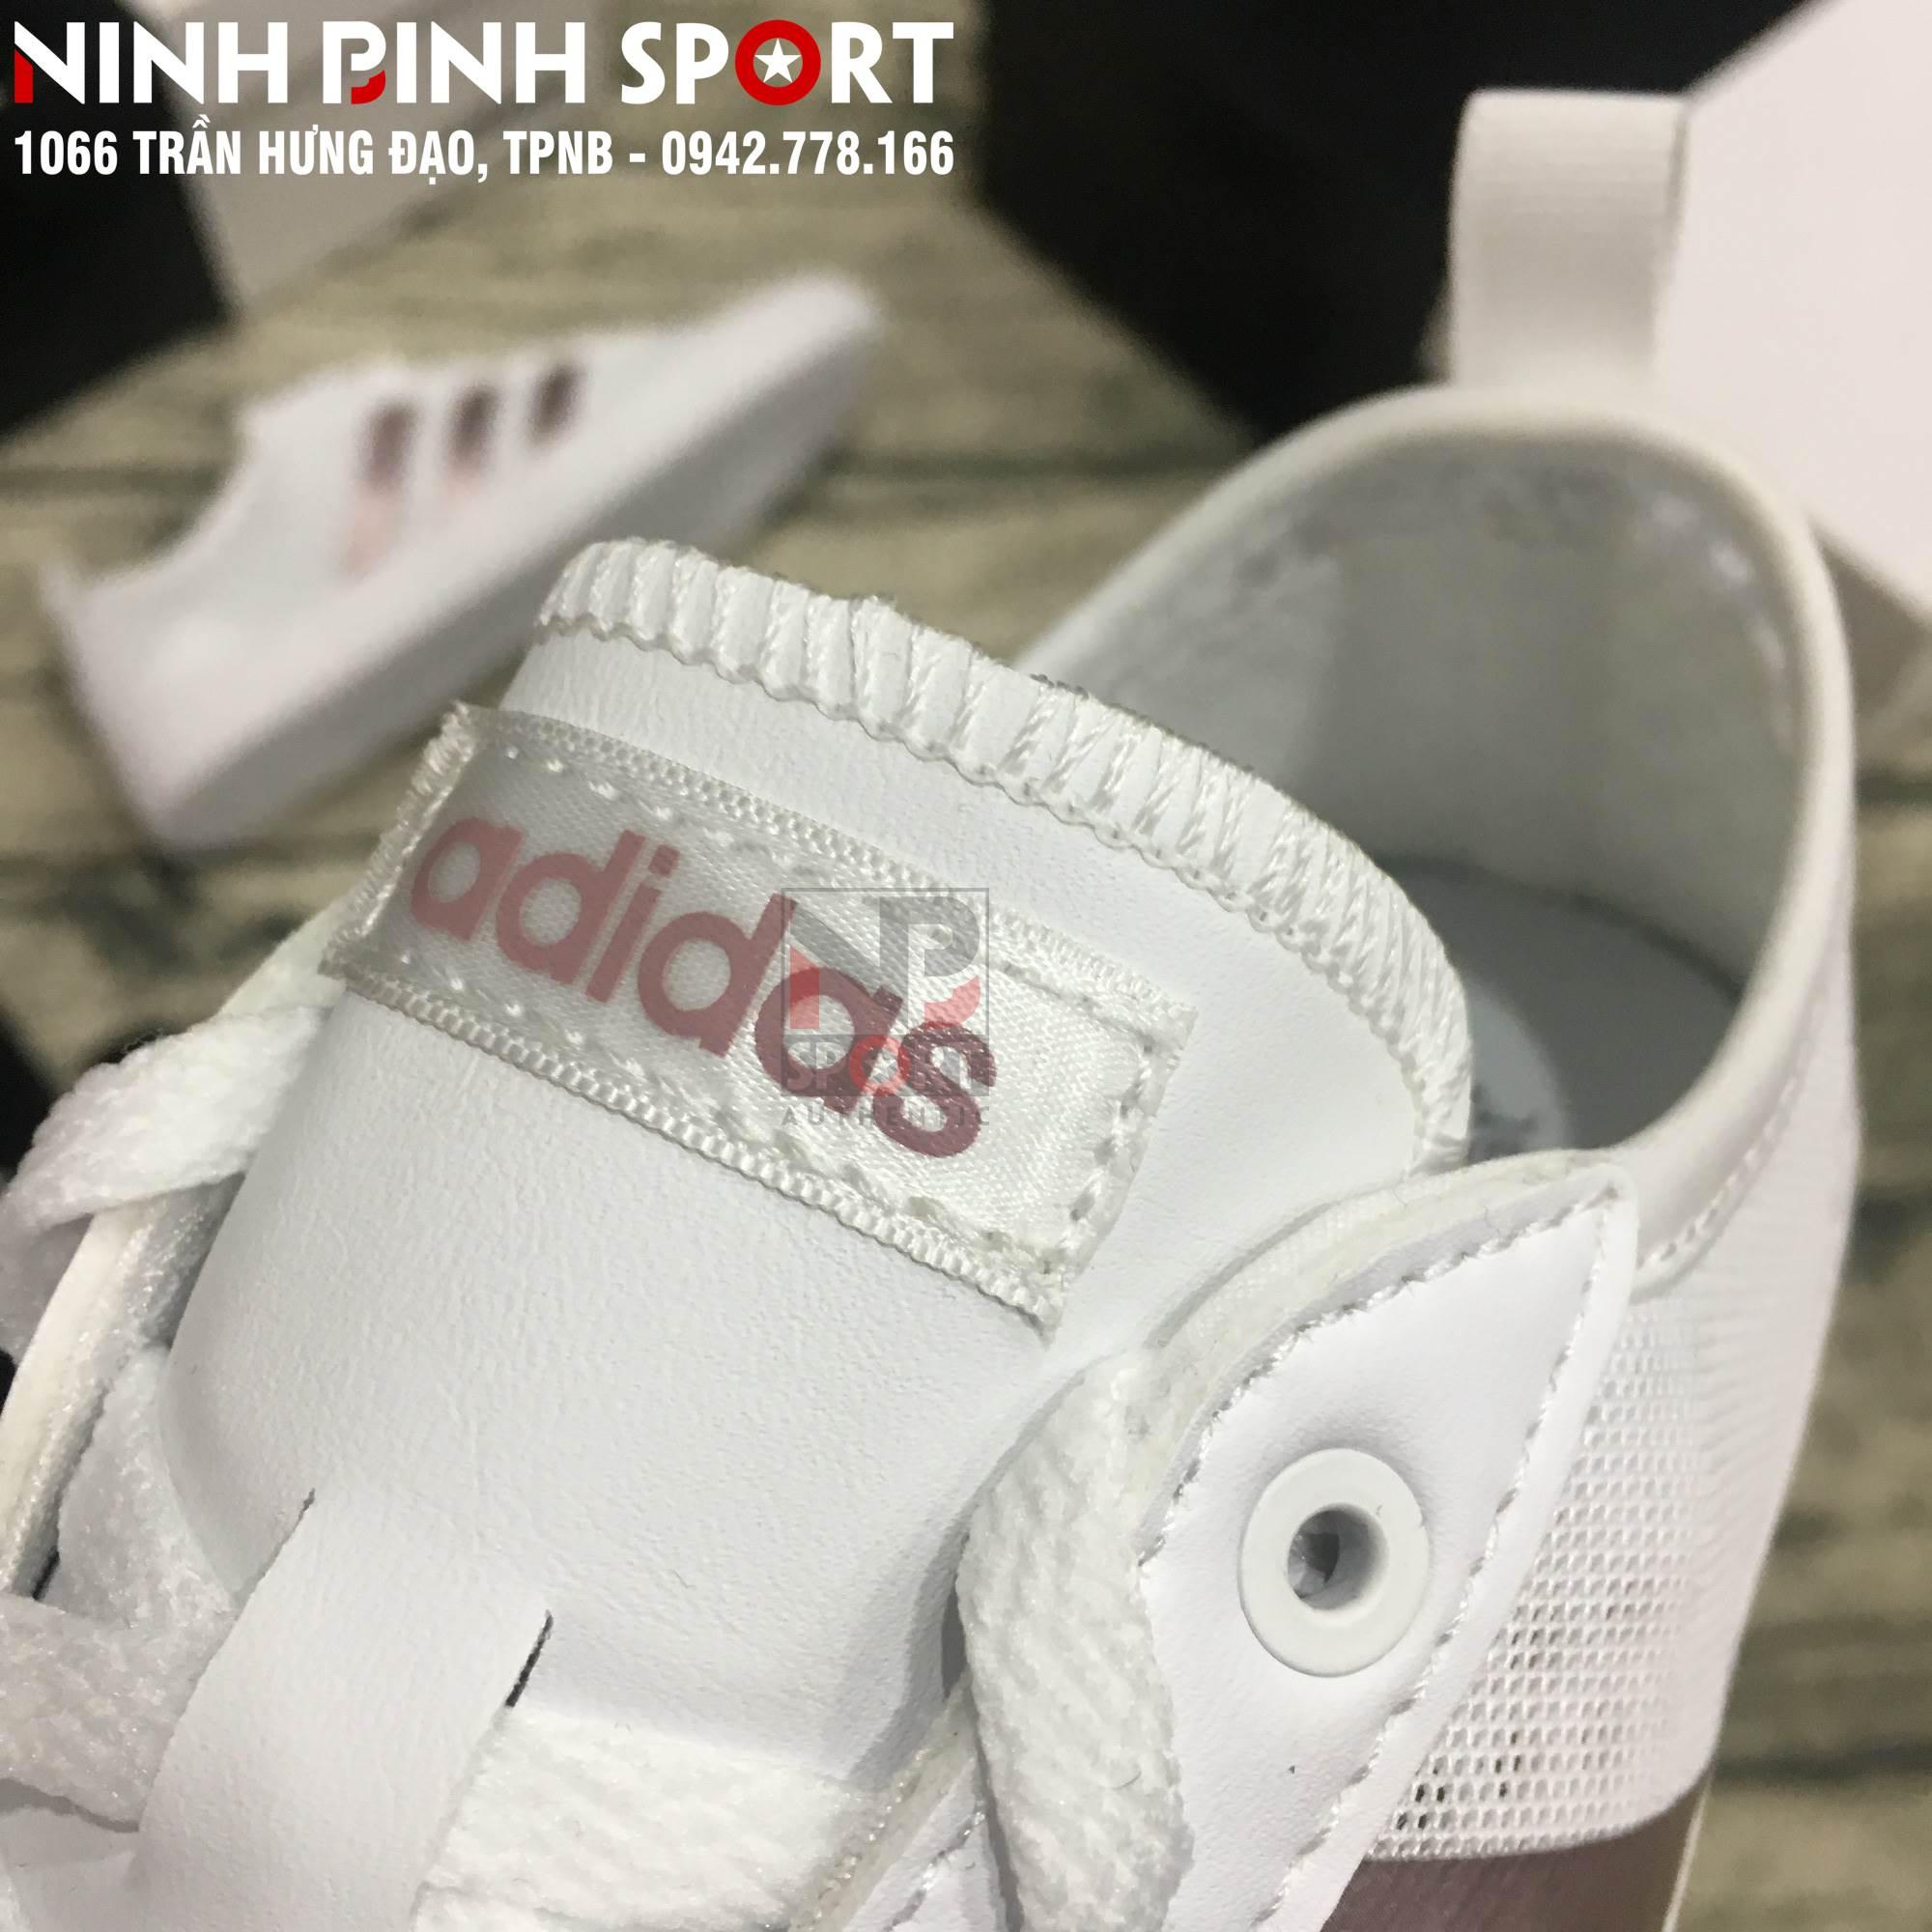 Giày thể thao nữ Adidas Neo QT VULC 2.0 W BD7823